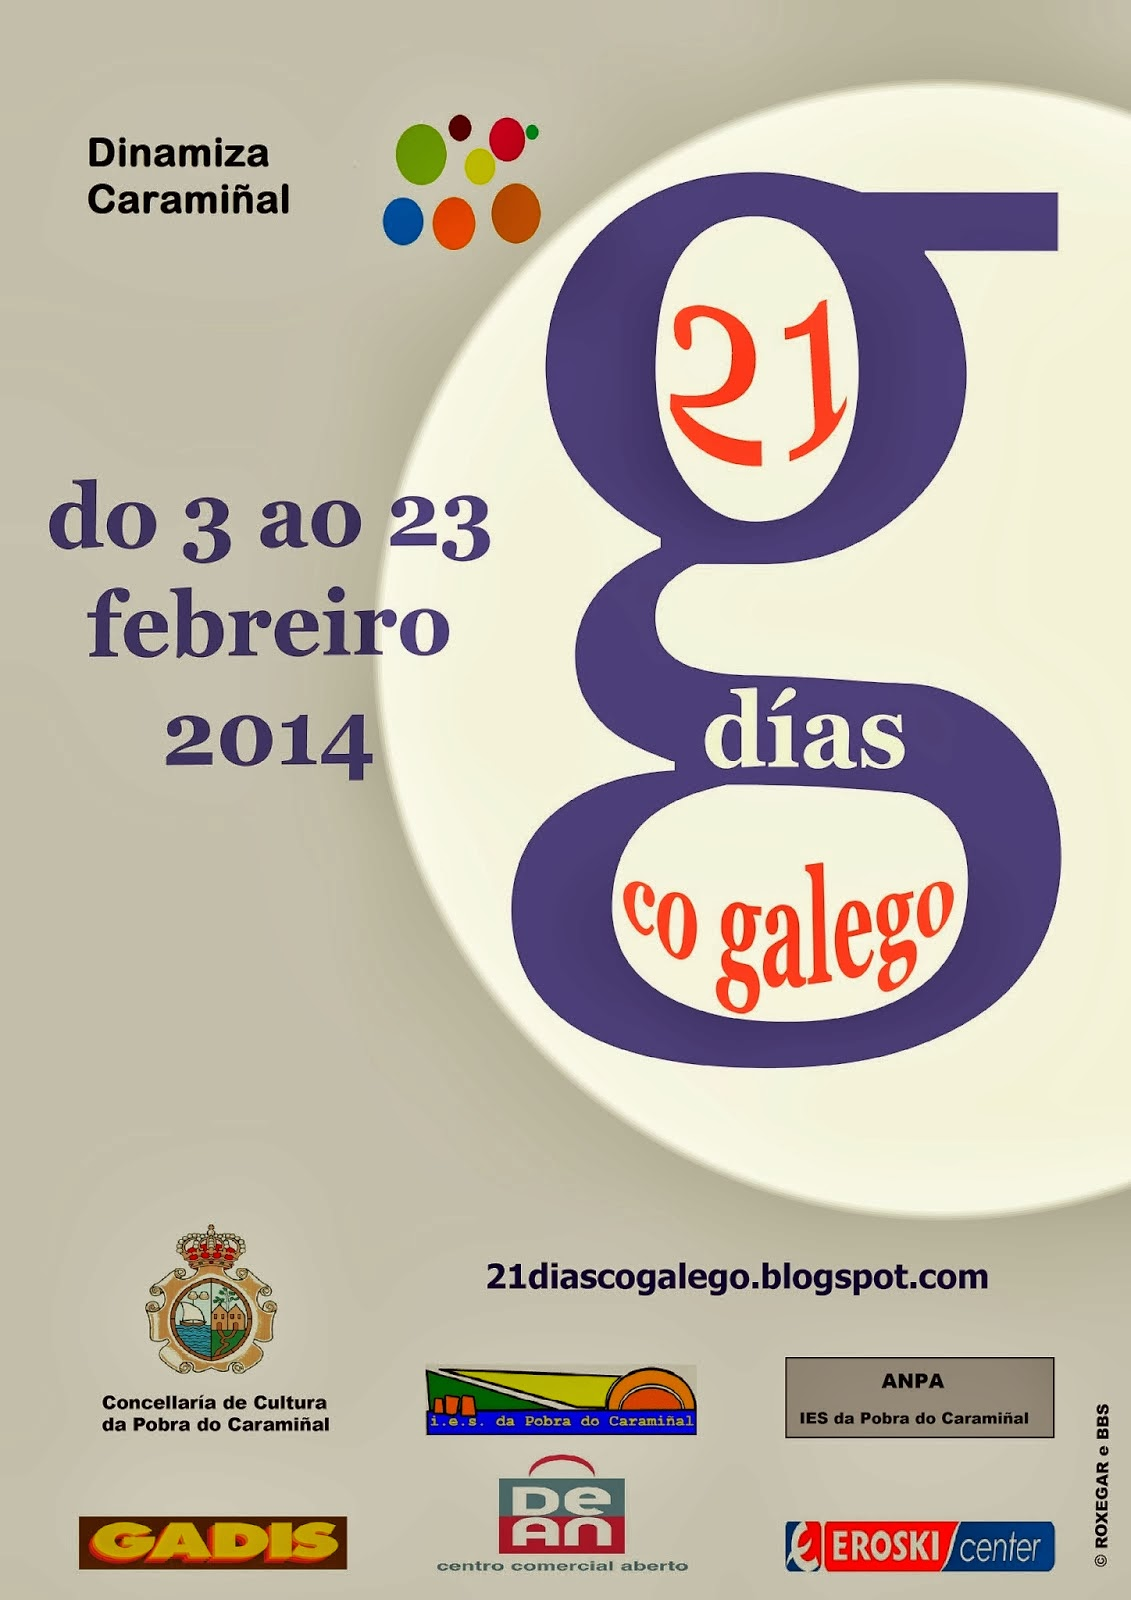 http://21diascogalego.blogspot.com.es/